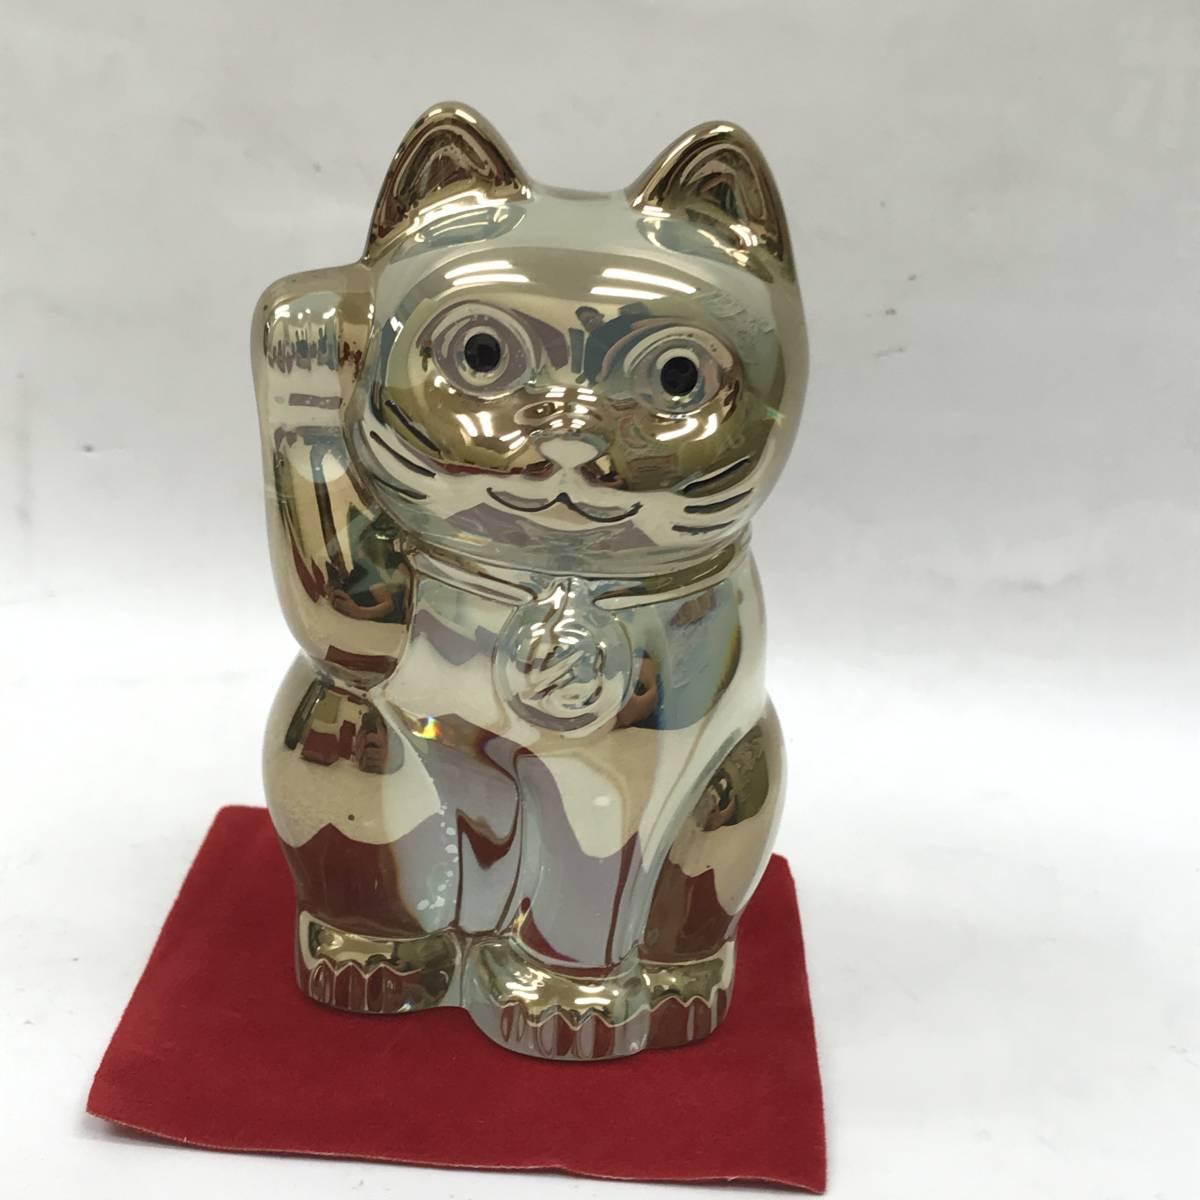 F 保管品 Baccarat バカラ 招き猫 ラッキーキャット ゴールド クリスタル 置物 フィギュリン 高さ 10cm 重さ500g 箱カード_画像3